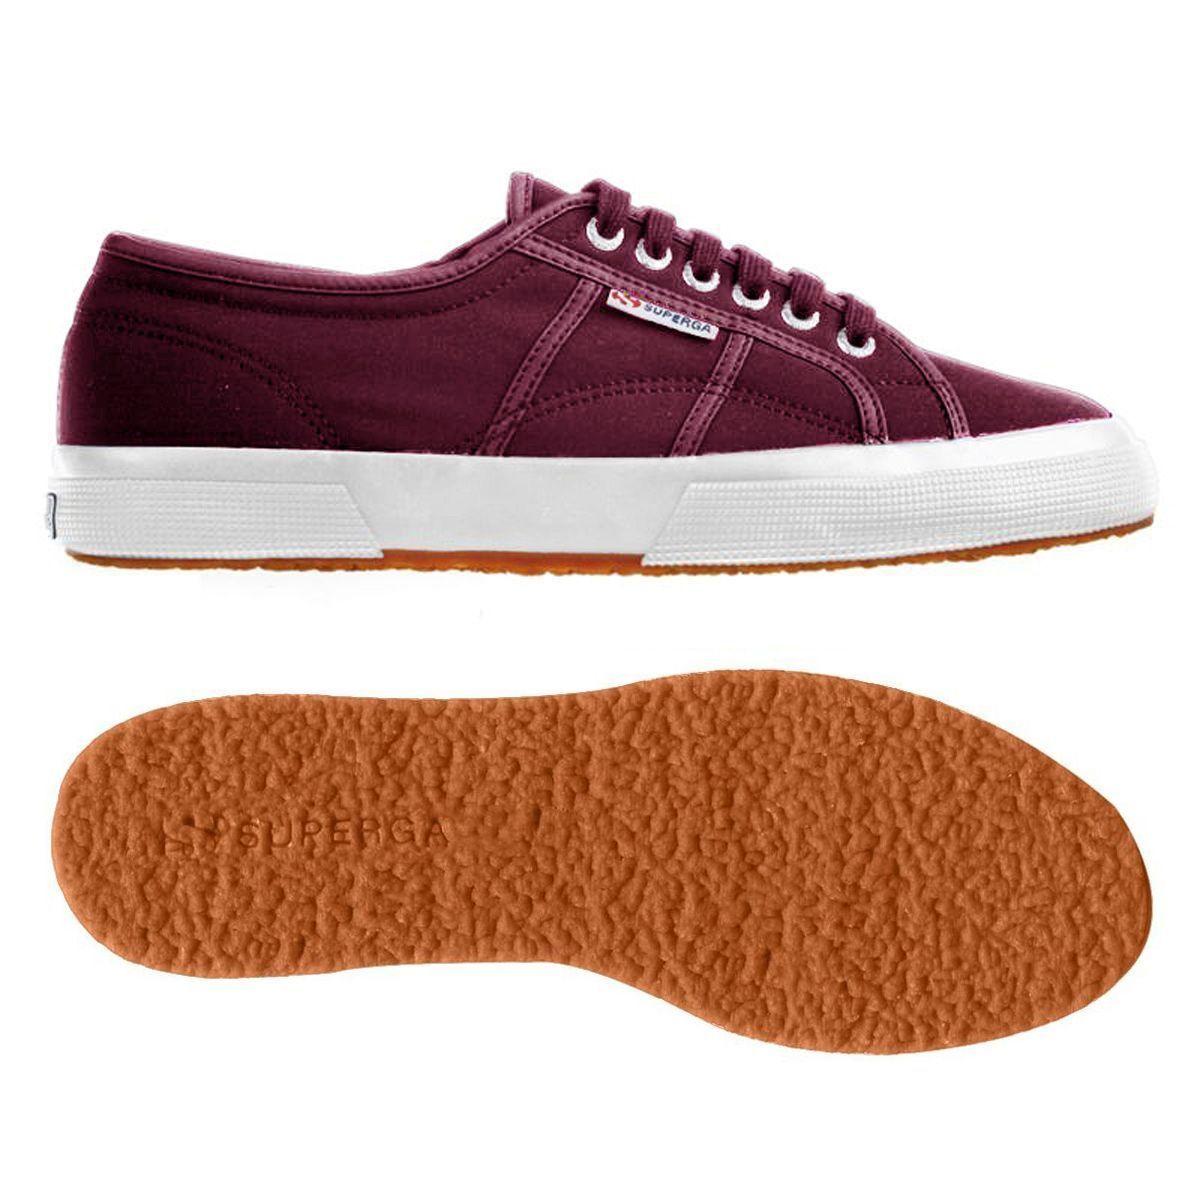 Superga 2750 Plus Nylu Fashion Sneakers Women's - Bordeaux S00APB0